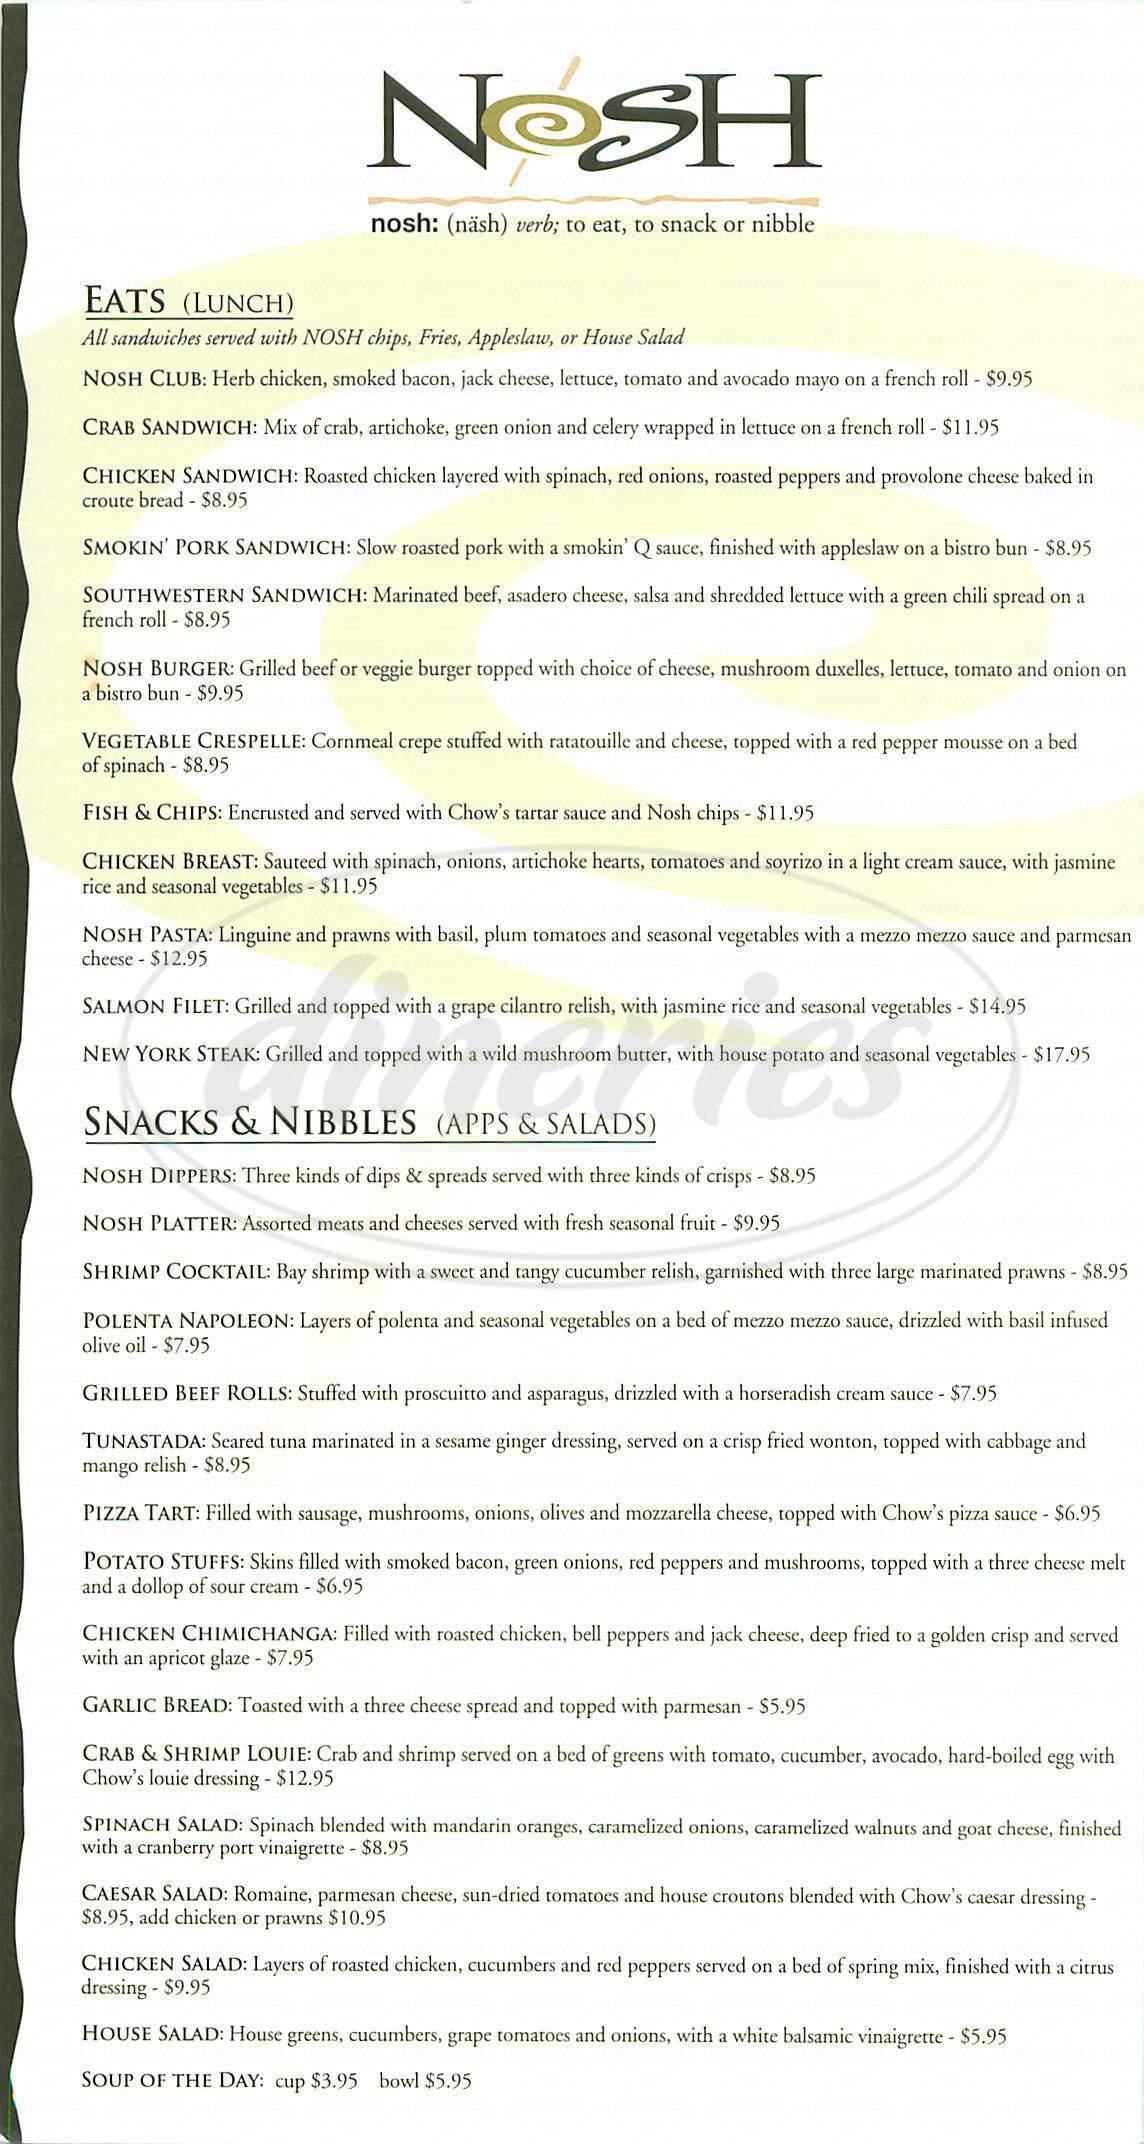 menu for Nosh